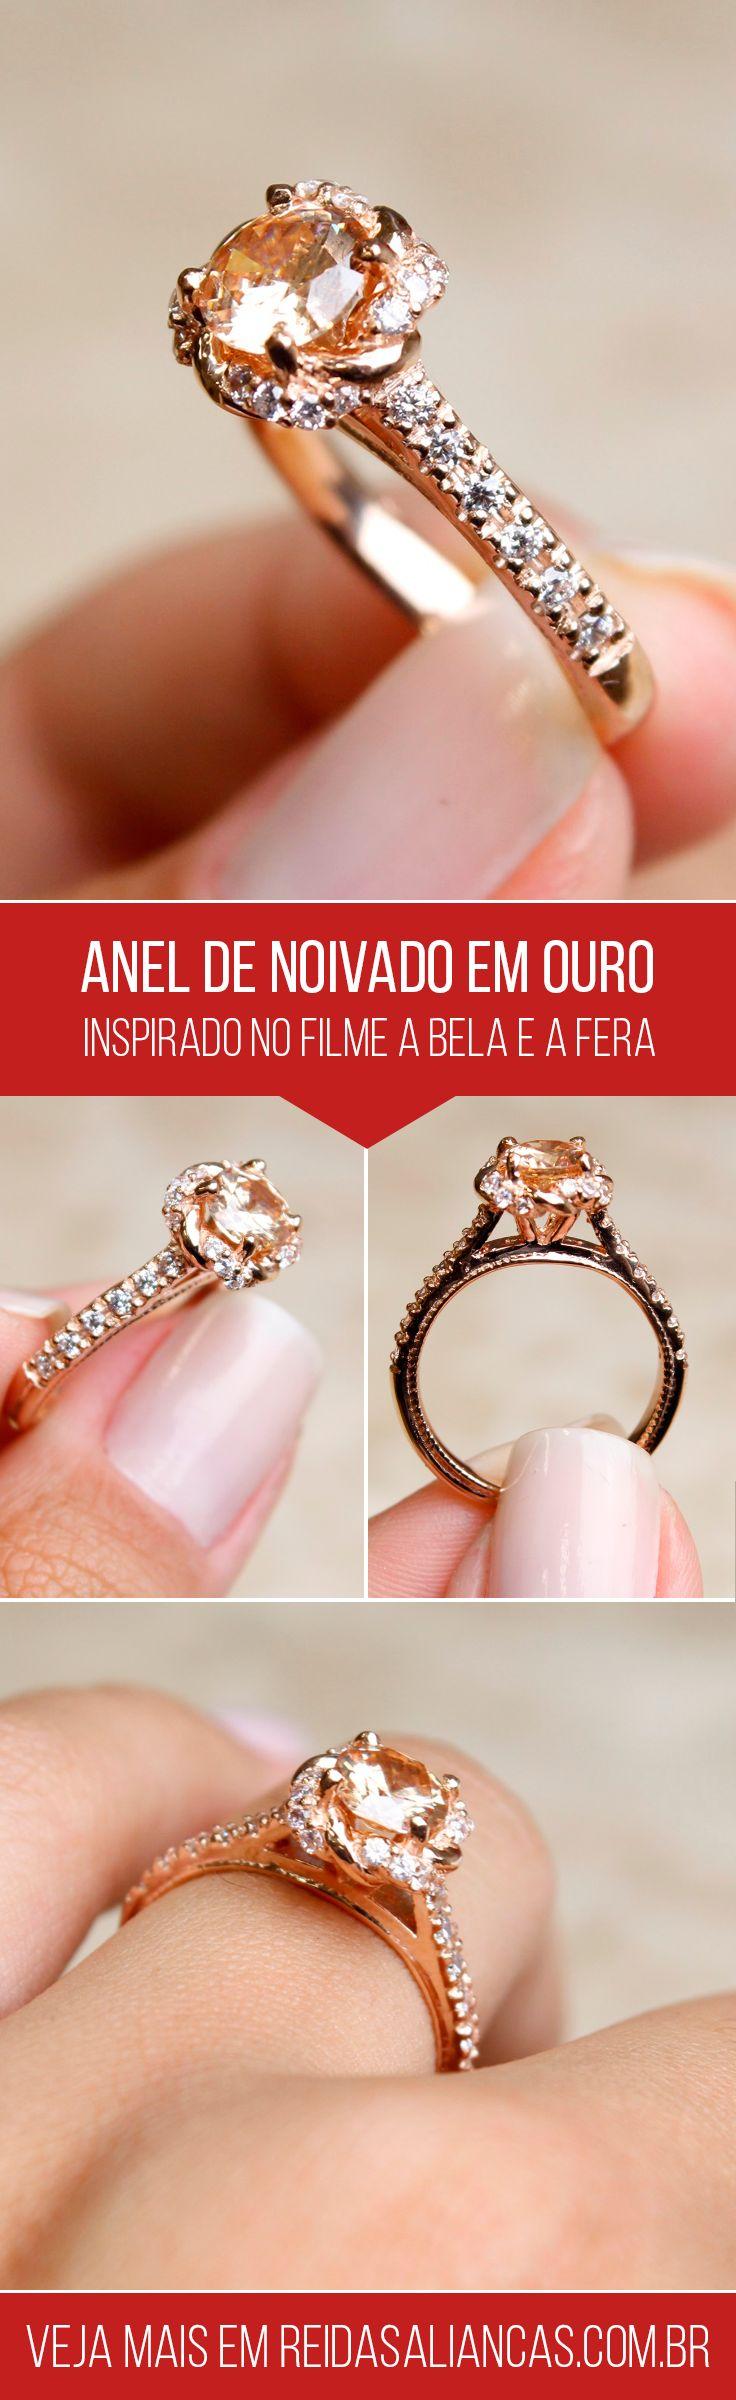 Anel de Noivado Inspirado em A Bela e a Fera.  Confeccionado em ouro 18 quilates rosé, com opção em dourado. O modelo conta com 1,5 quilates em diamantes híbridos.